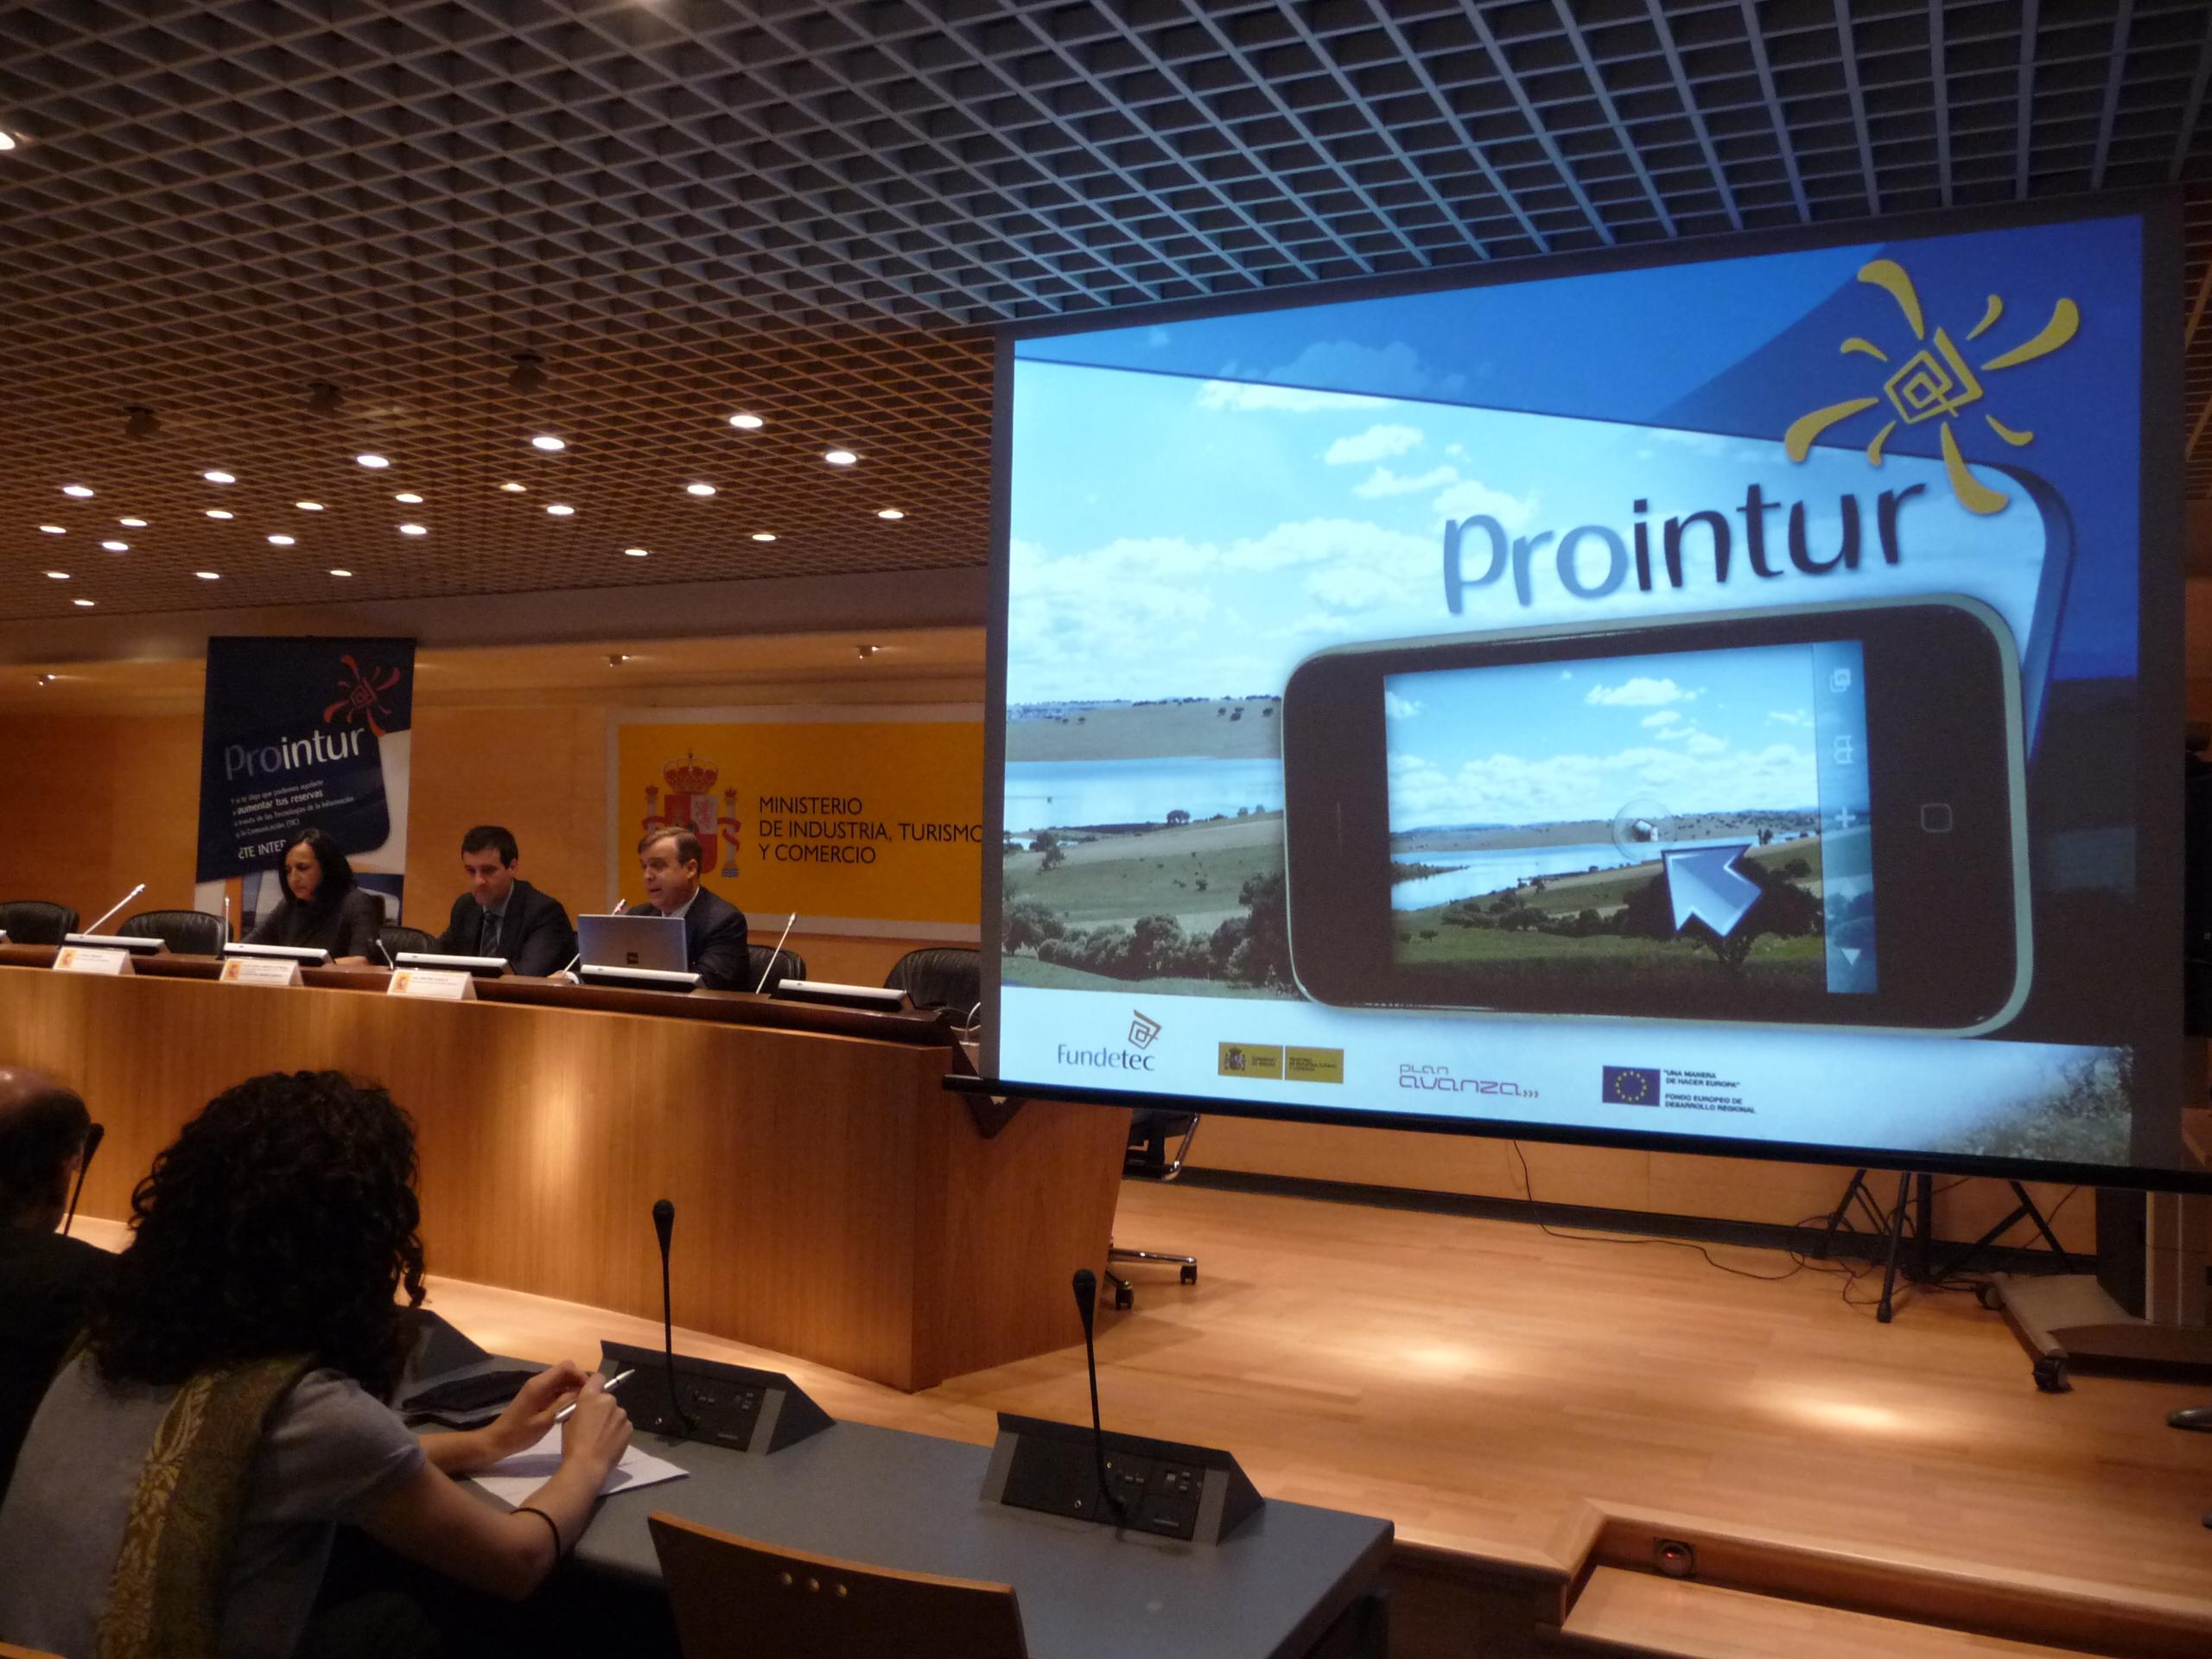 Presentación de Prointur. 05 noviembre 2008